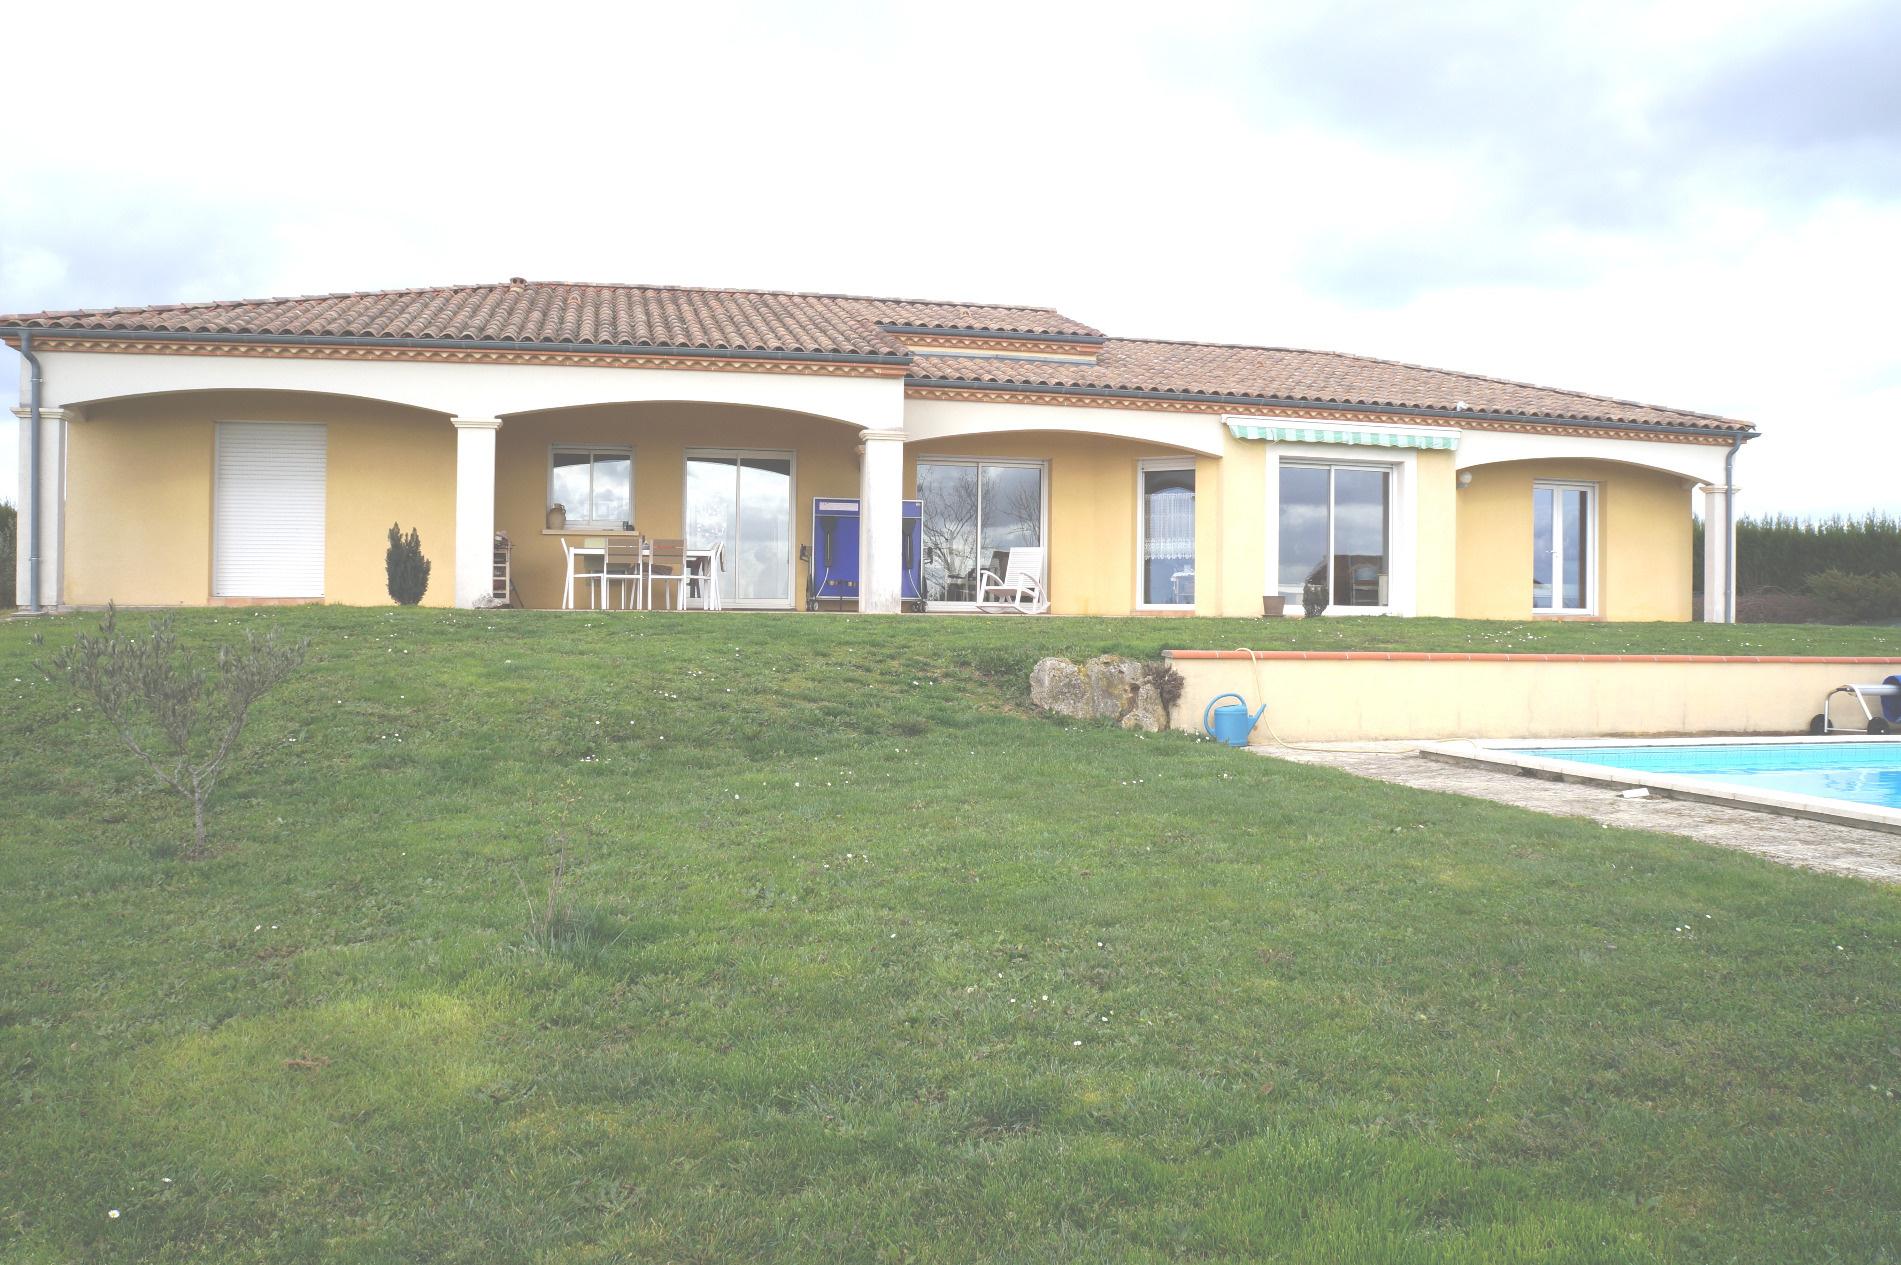 maison villa vendre de 180 m marmande 47200 au prix. Black Bedroom Furniture Sets. Home Design Ideas